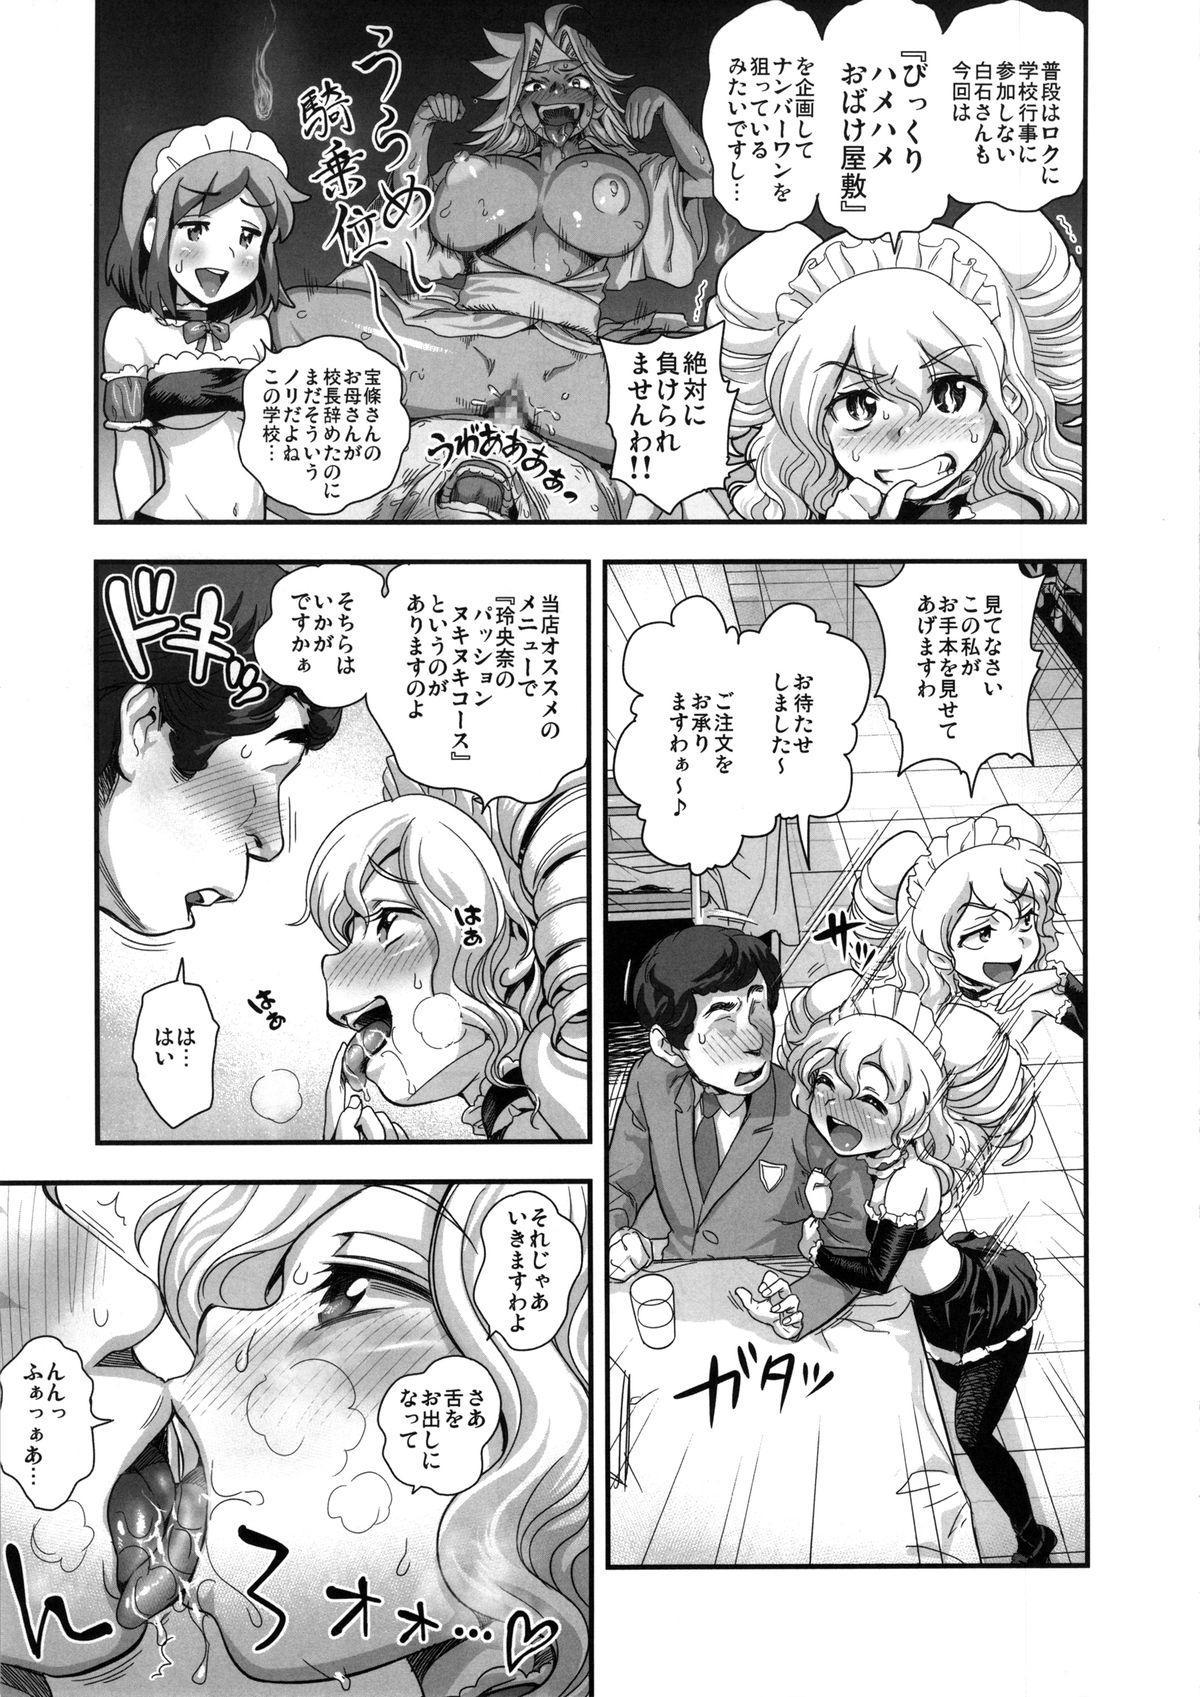 Energy Kyo-ka!! Soushuuhen 2 Manguri Hen 59